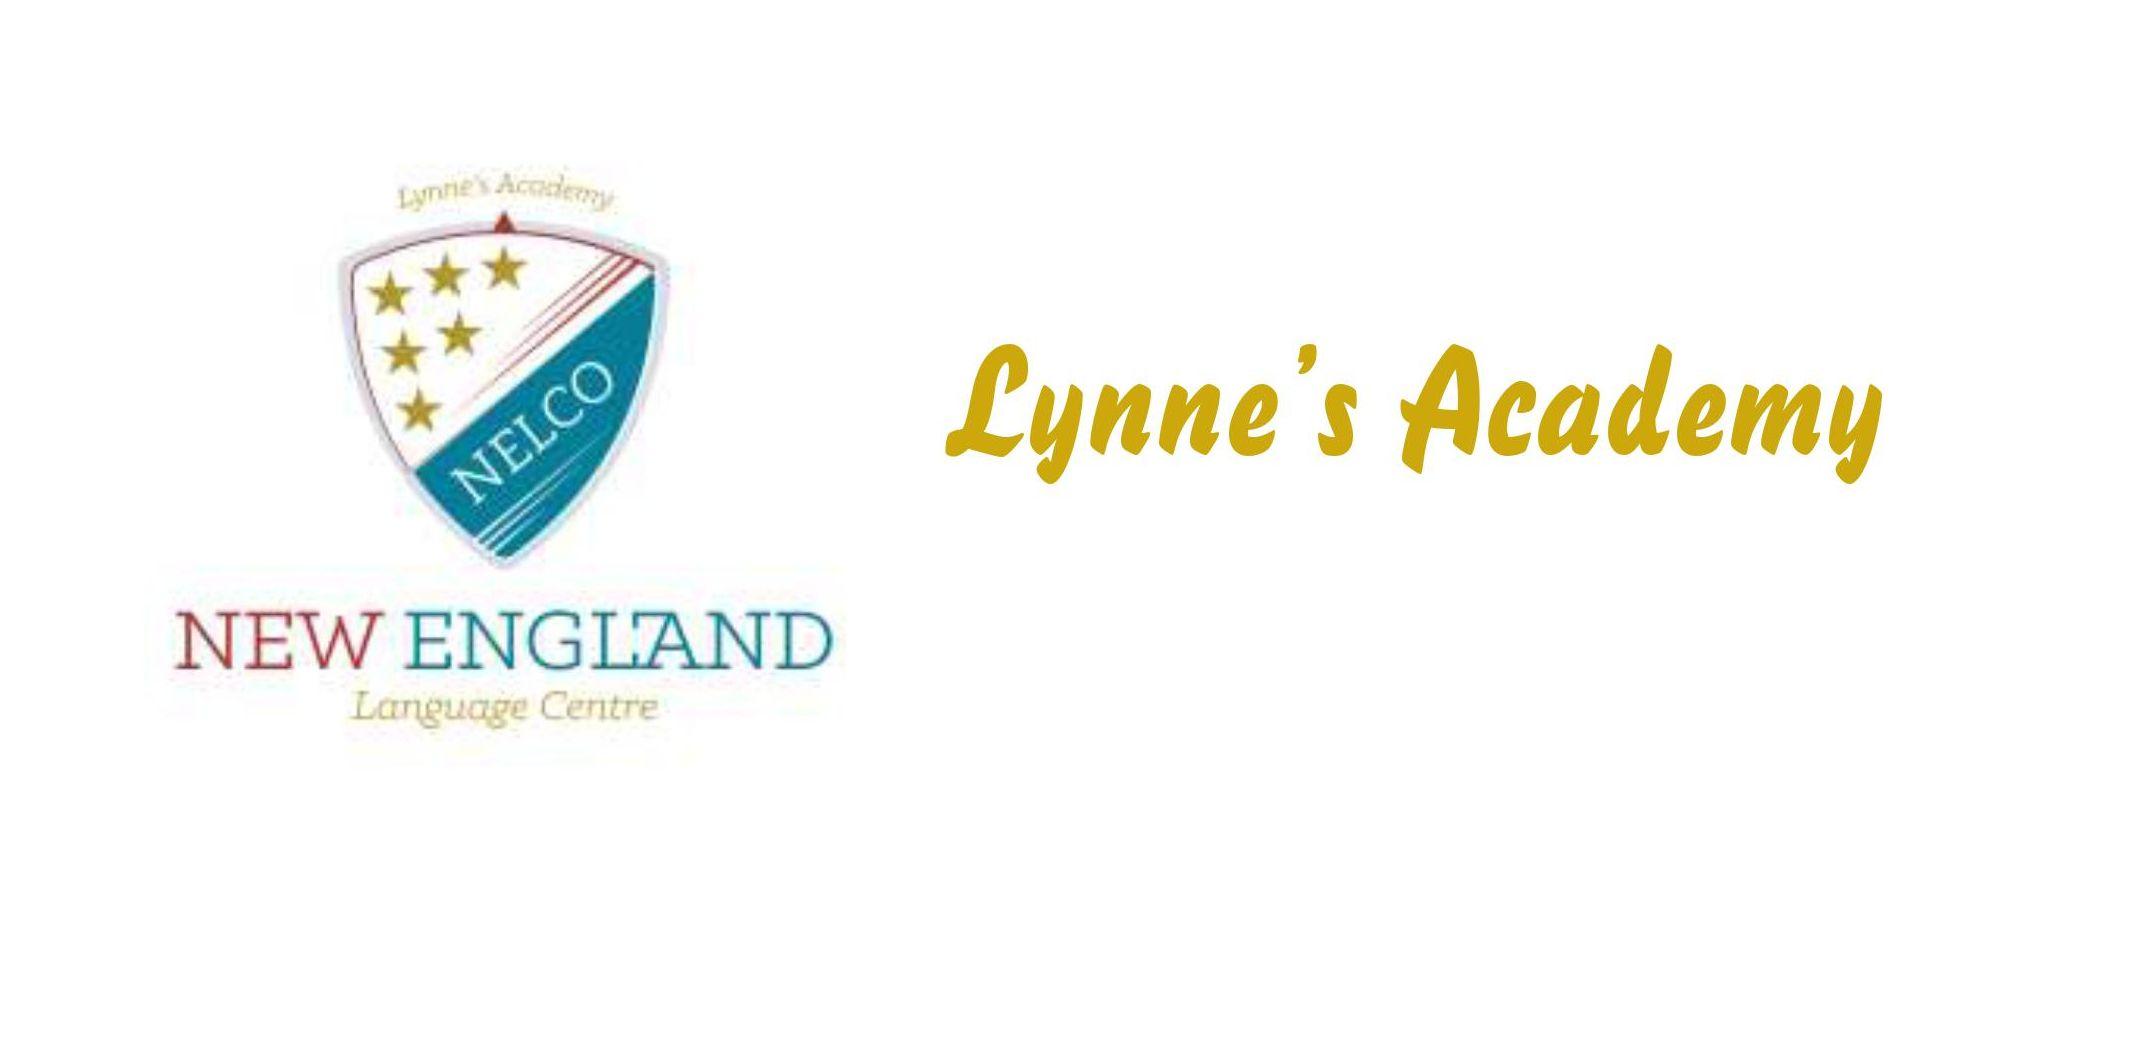 Academia de Idiomas Lynne S L